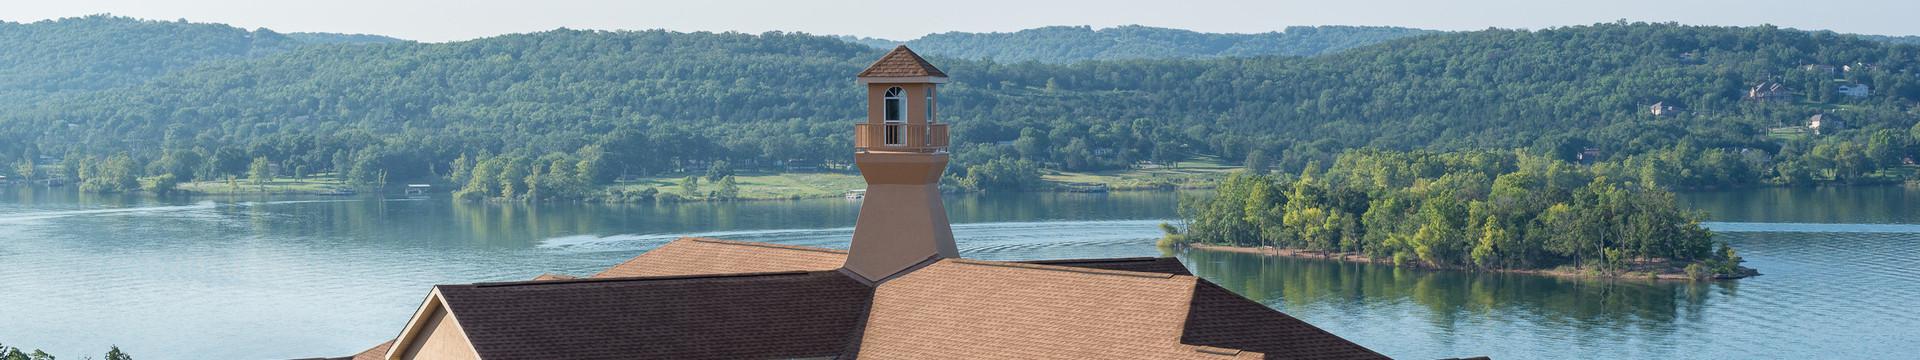 Table Rock Lake - Westgate Branson Lakes